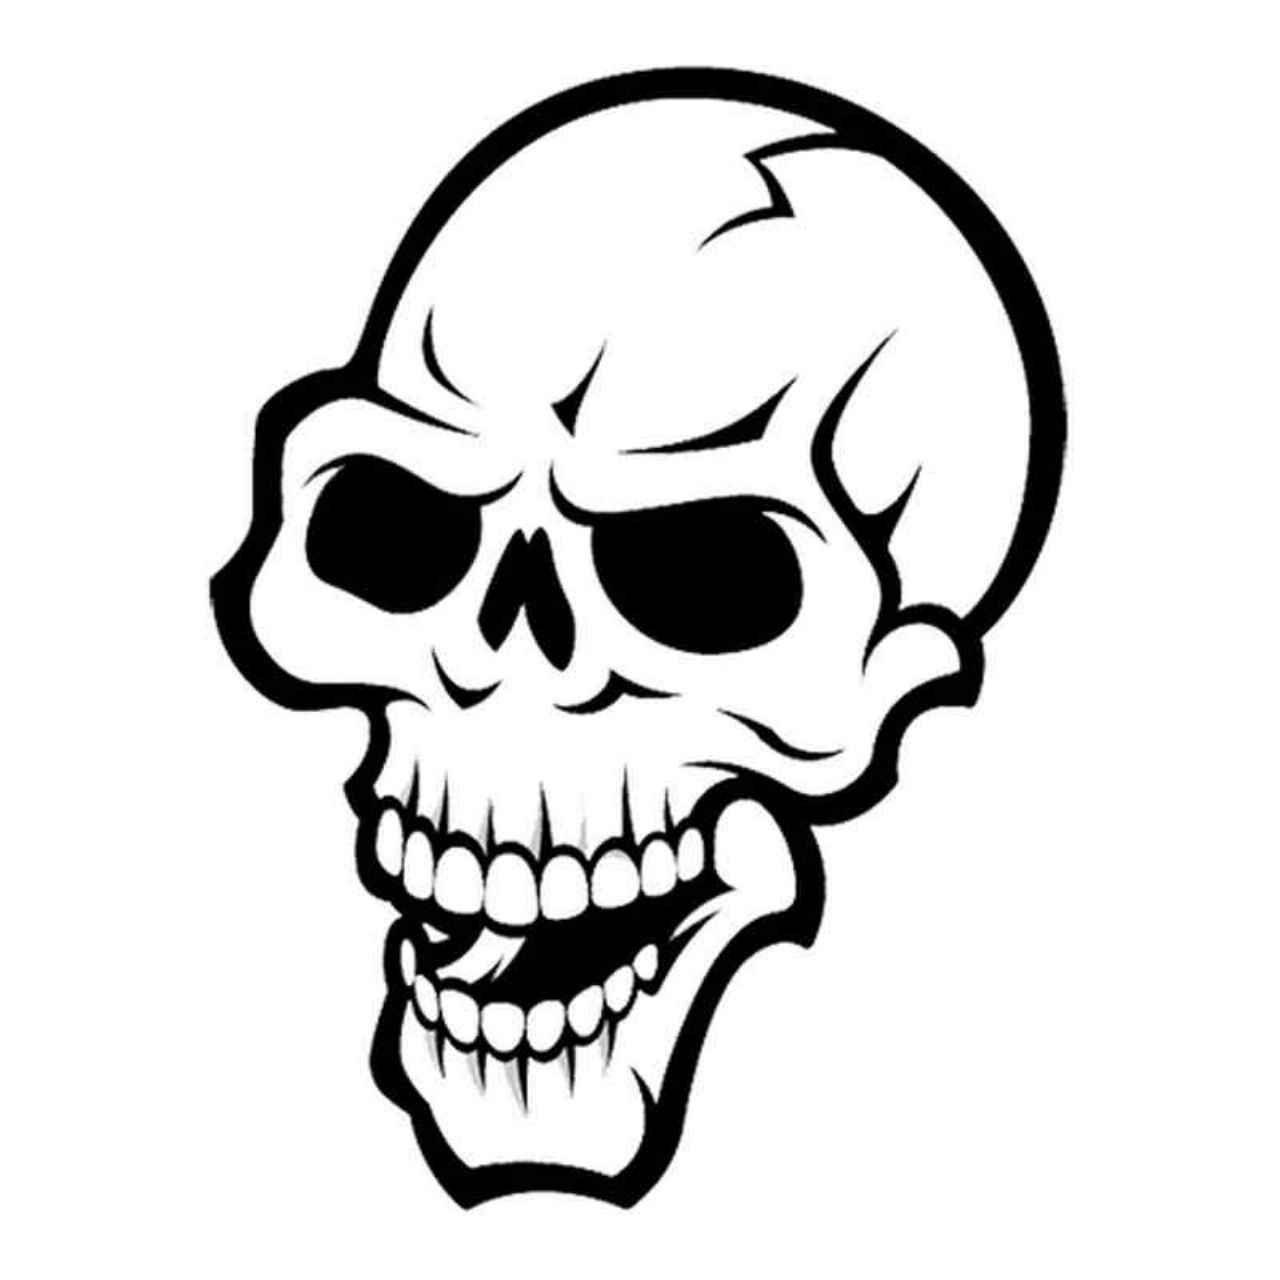 Skull Pv249 Vinyl Decal Sticker | Schablonen, Tribal Tattoos bestimmt für Totenkopf Vorlage